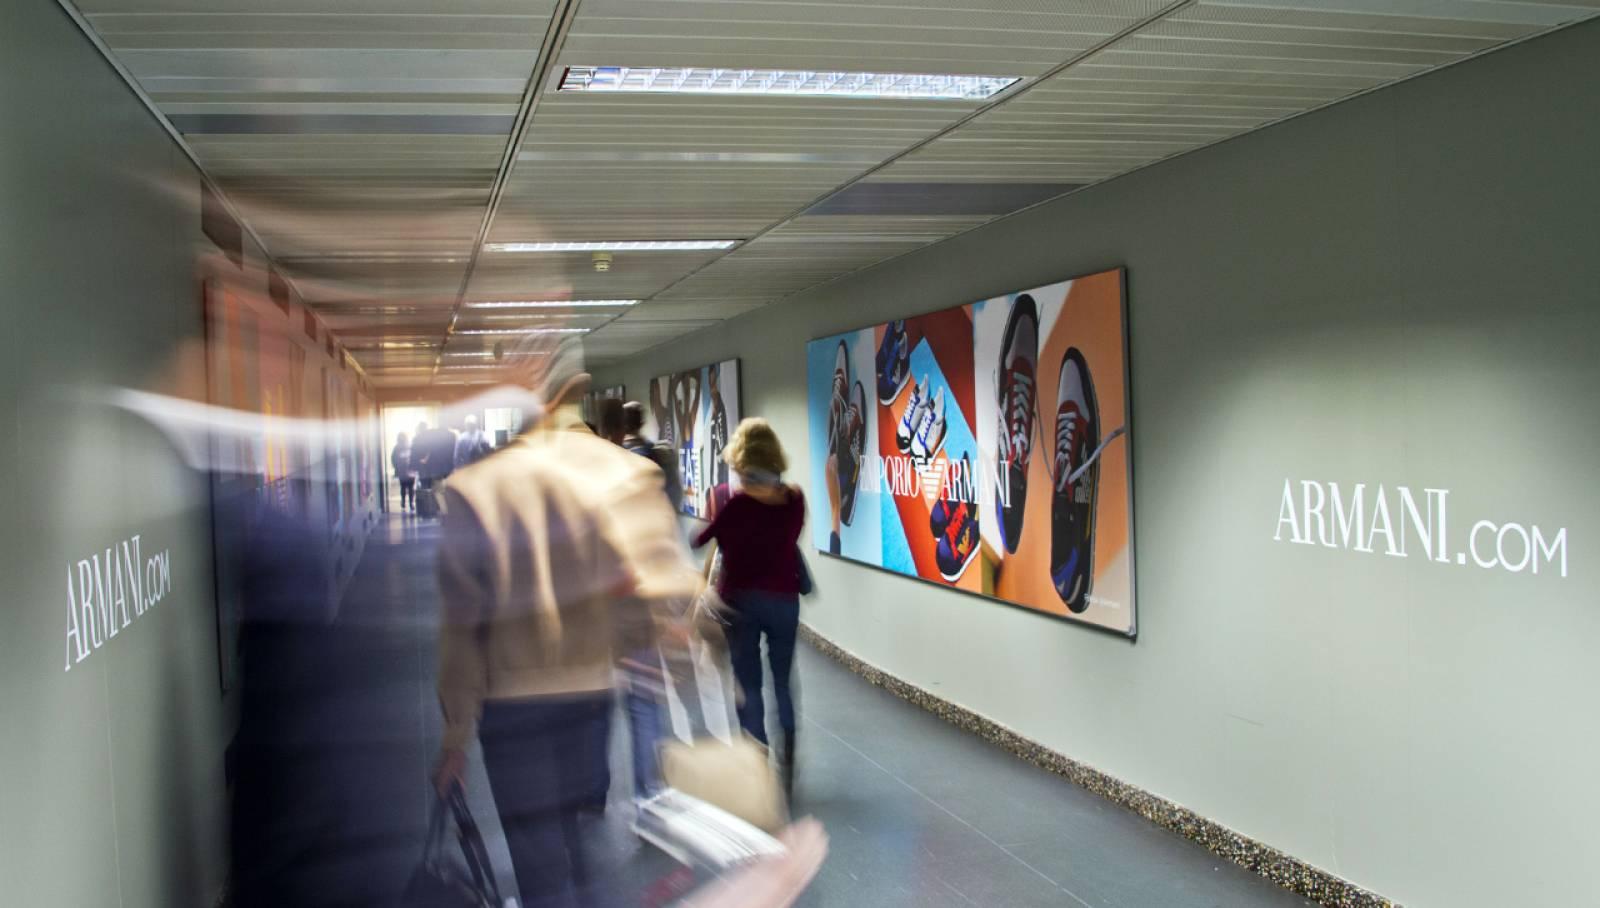 Pubblicità aeroporti Finger IGPDecaux a Malpensa per Armani